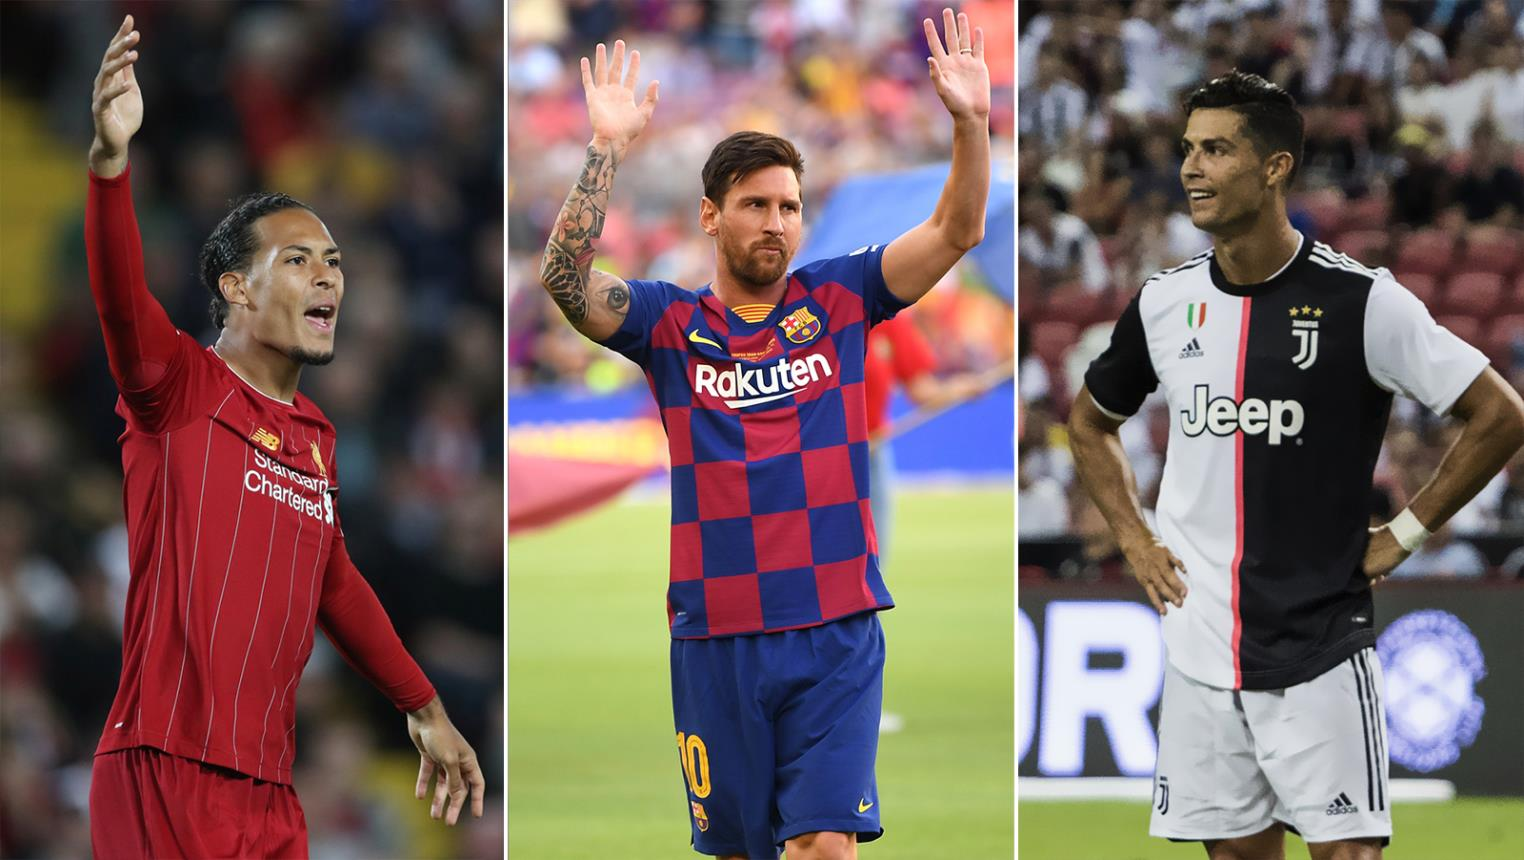 تسريبات تكشف اسم الفائز بجائزة أفضل لاعب في أوروبا